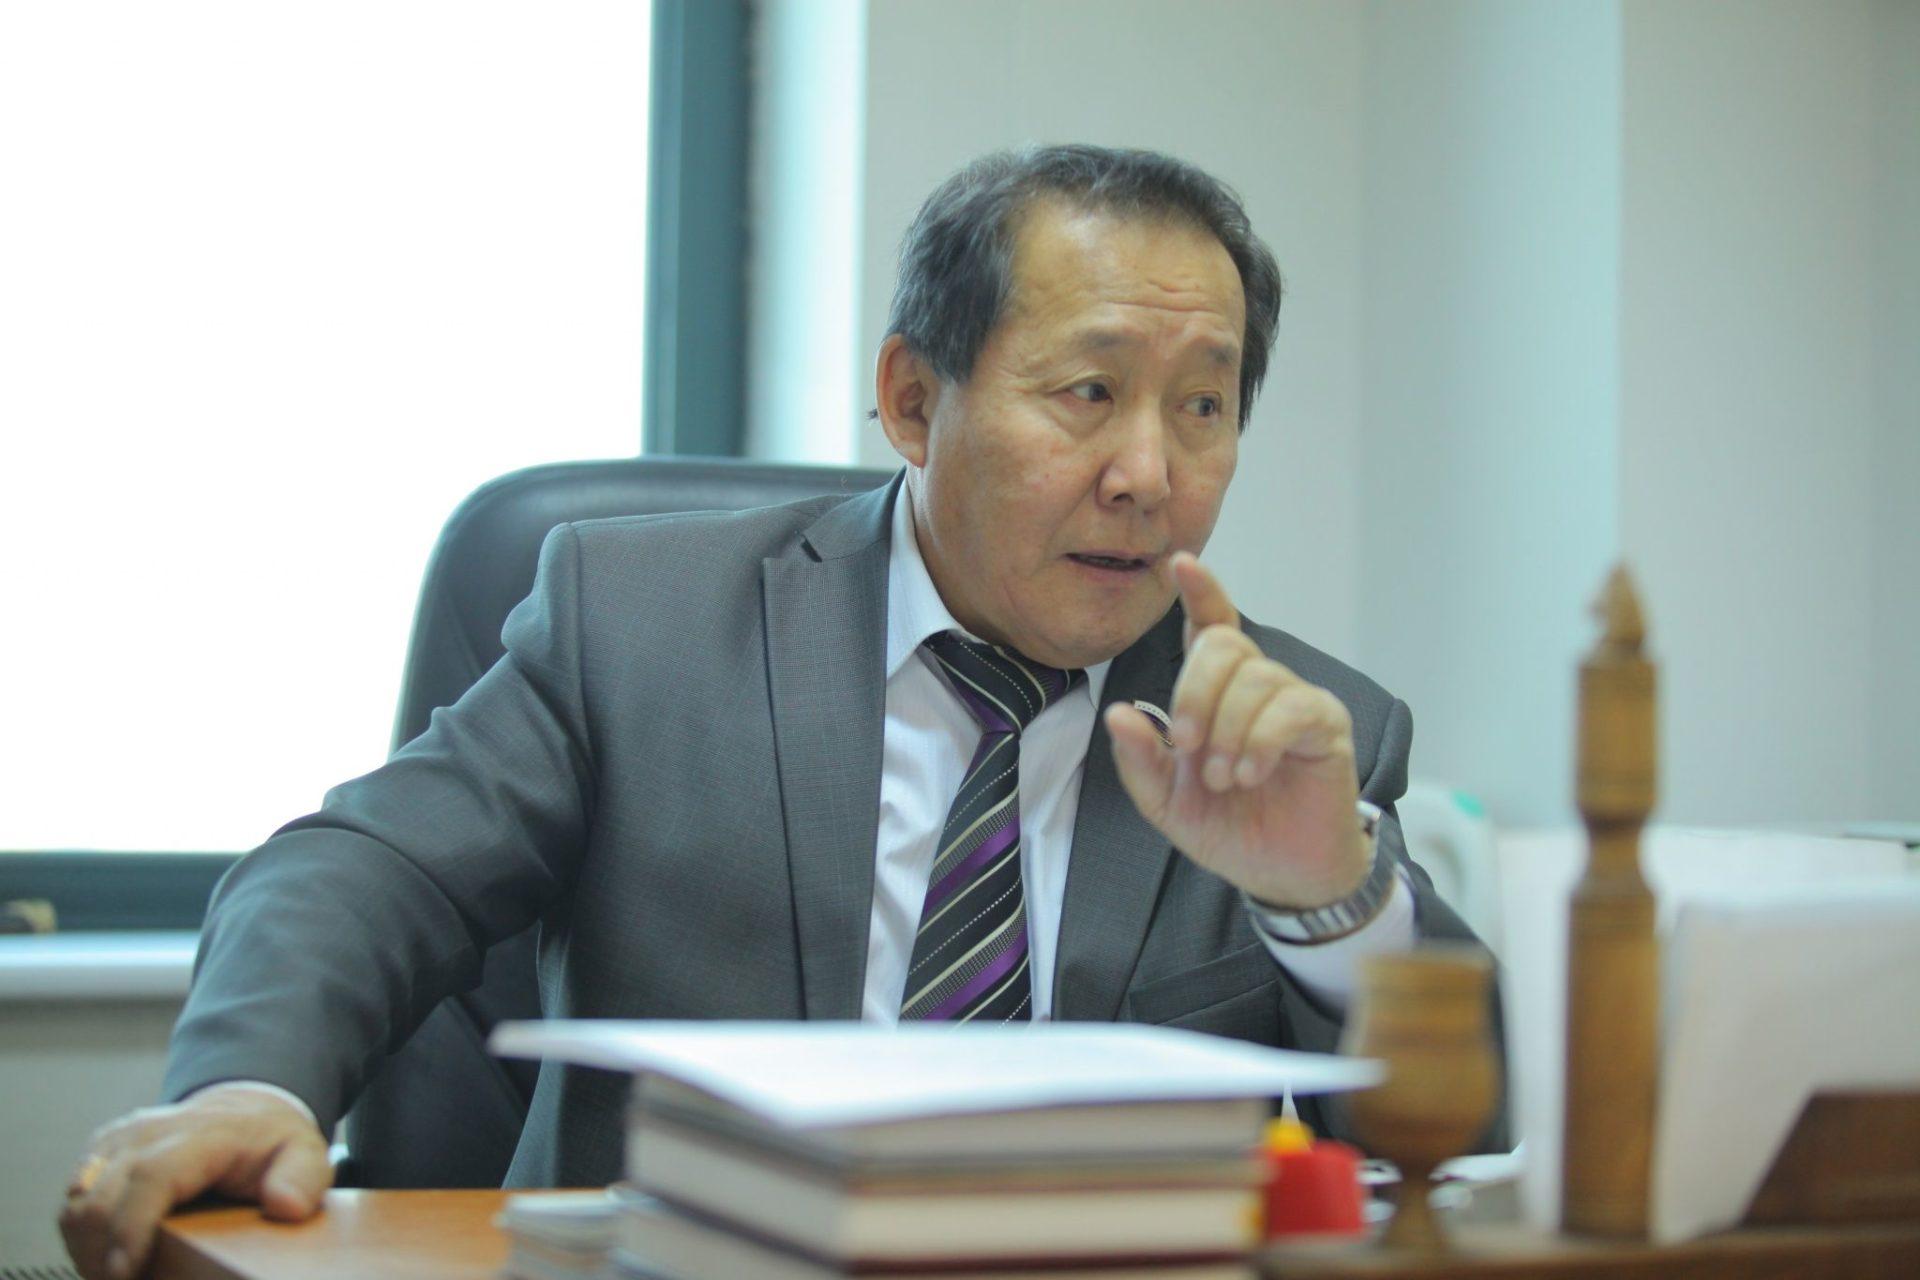 Макар ЯКОВЛЕВ: «Вносить поправки в Конституцию Якутии в угоду конкретной личности является большой ошибкой»